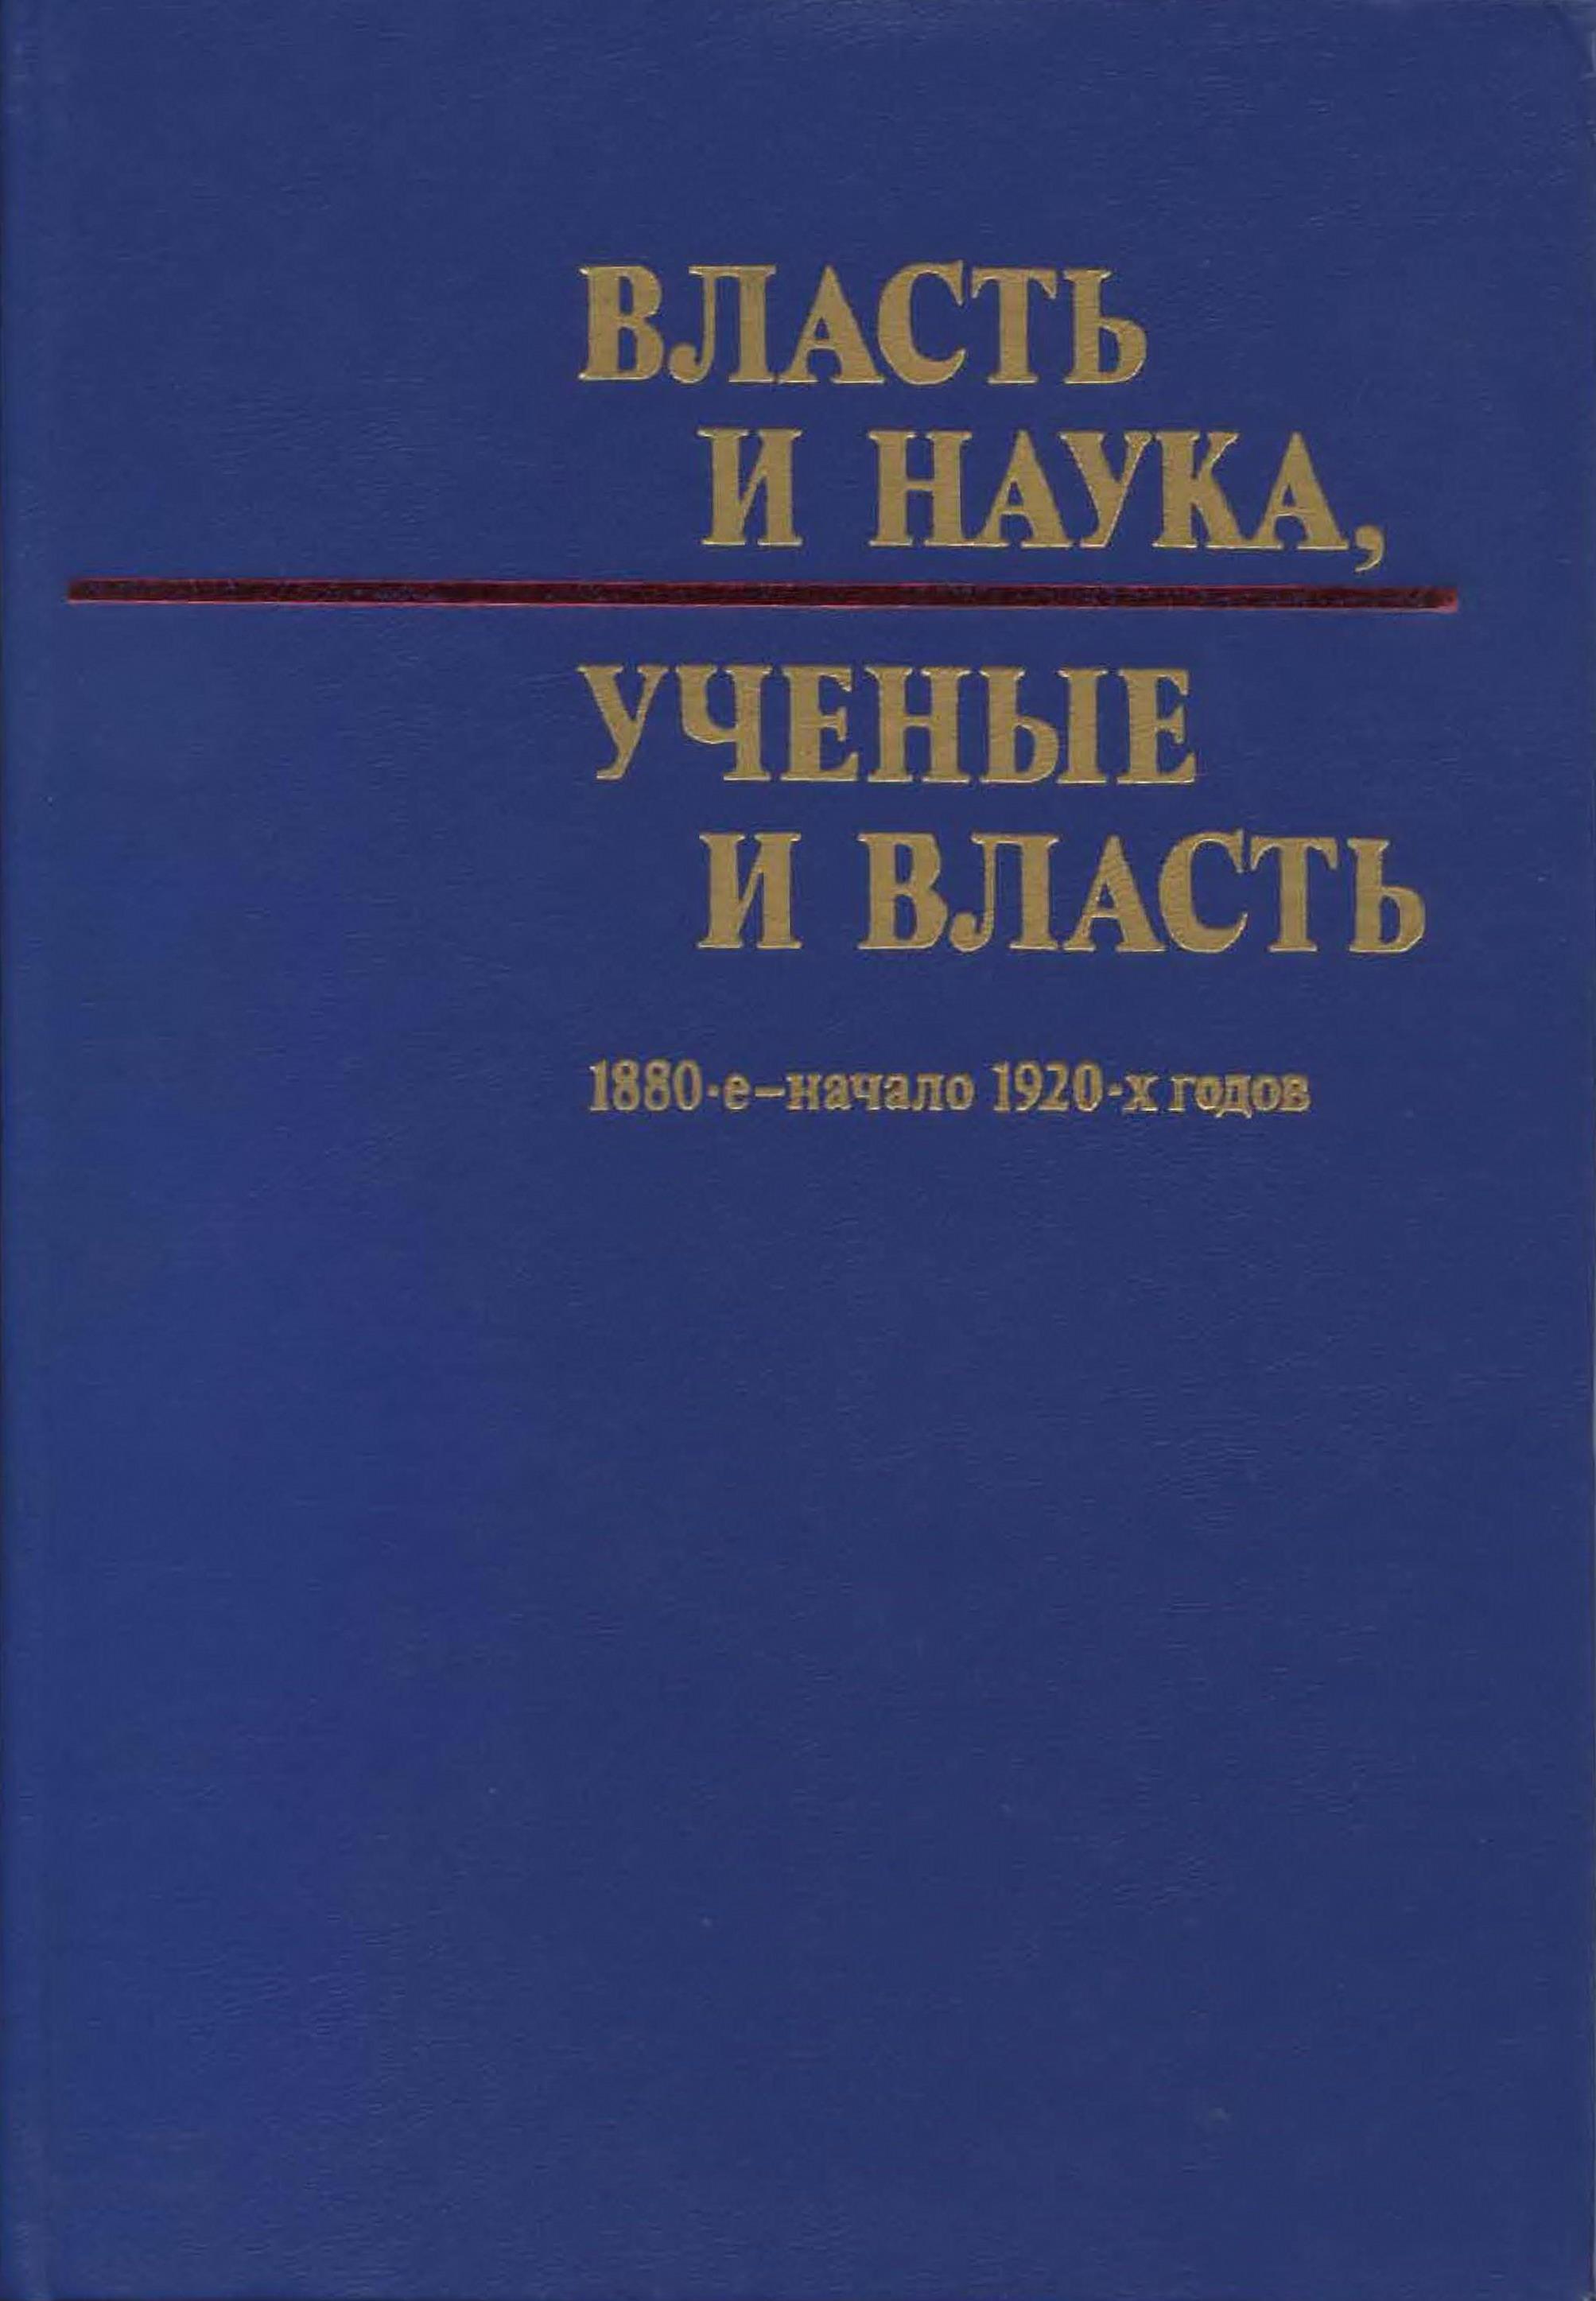 Знание как политика и призвание (По материалам истории российской Конституционно-демократической партии)